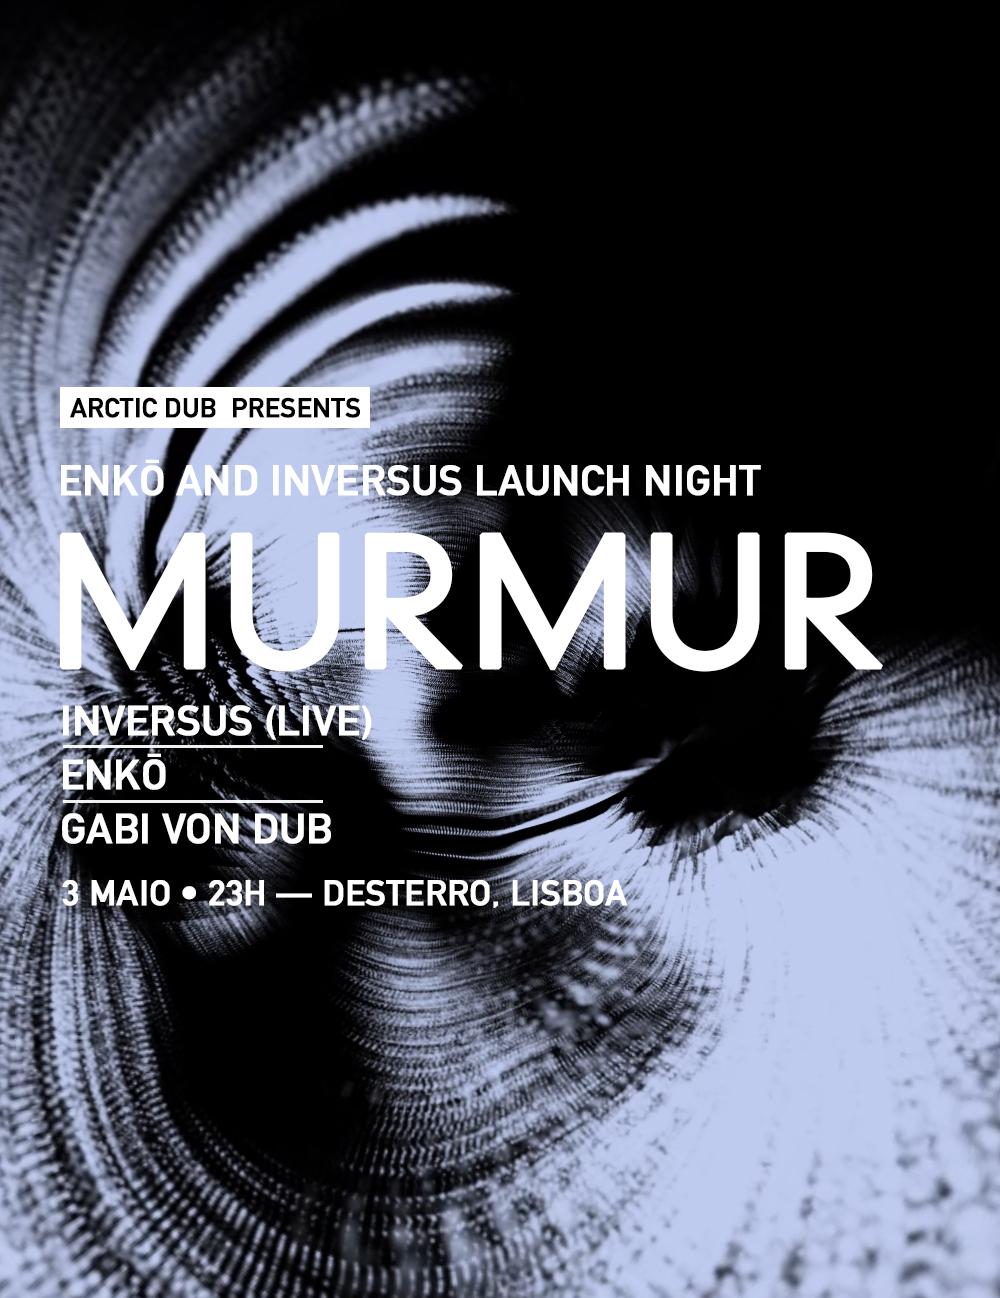 AD_EnkoInversus-Murmur-Poster_opt3.jpg